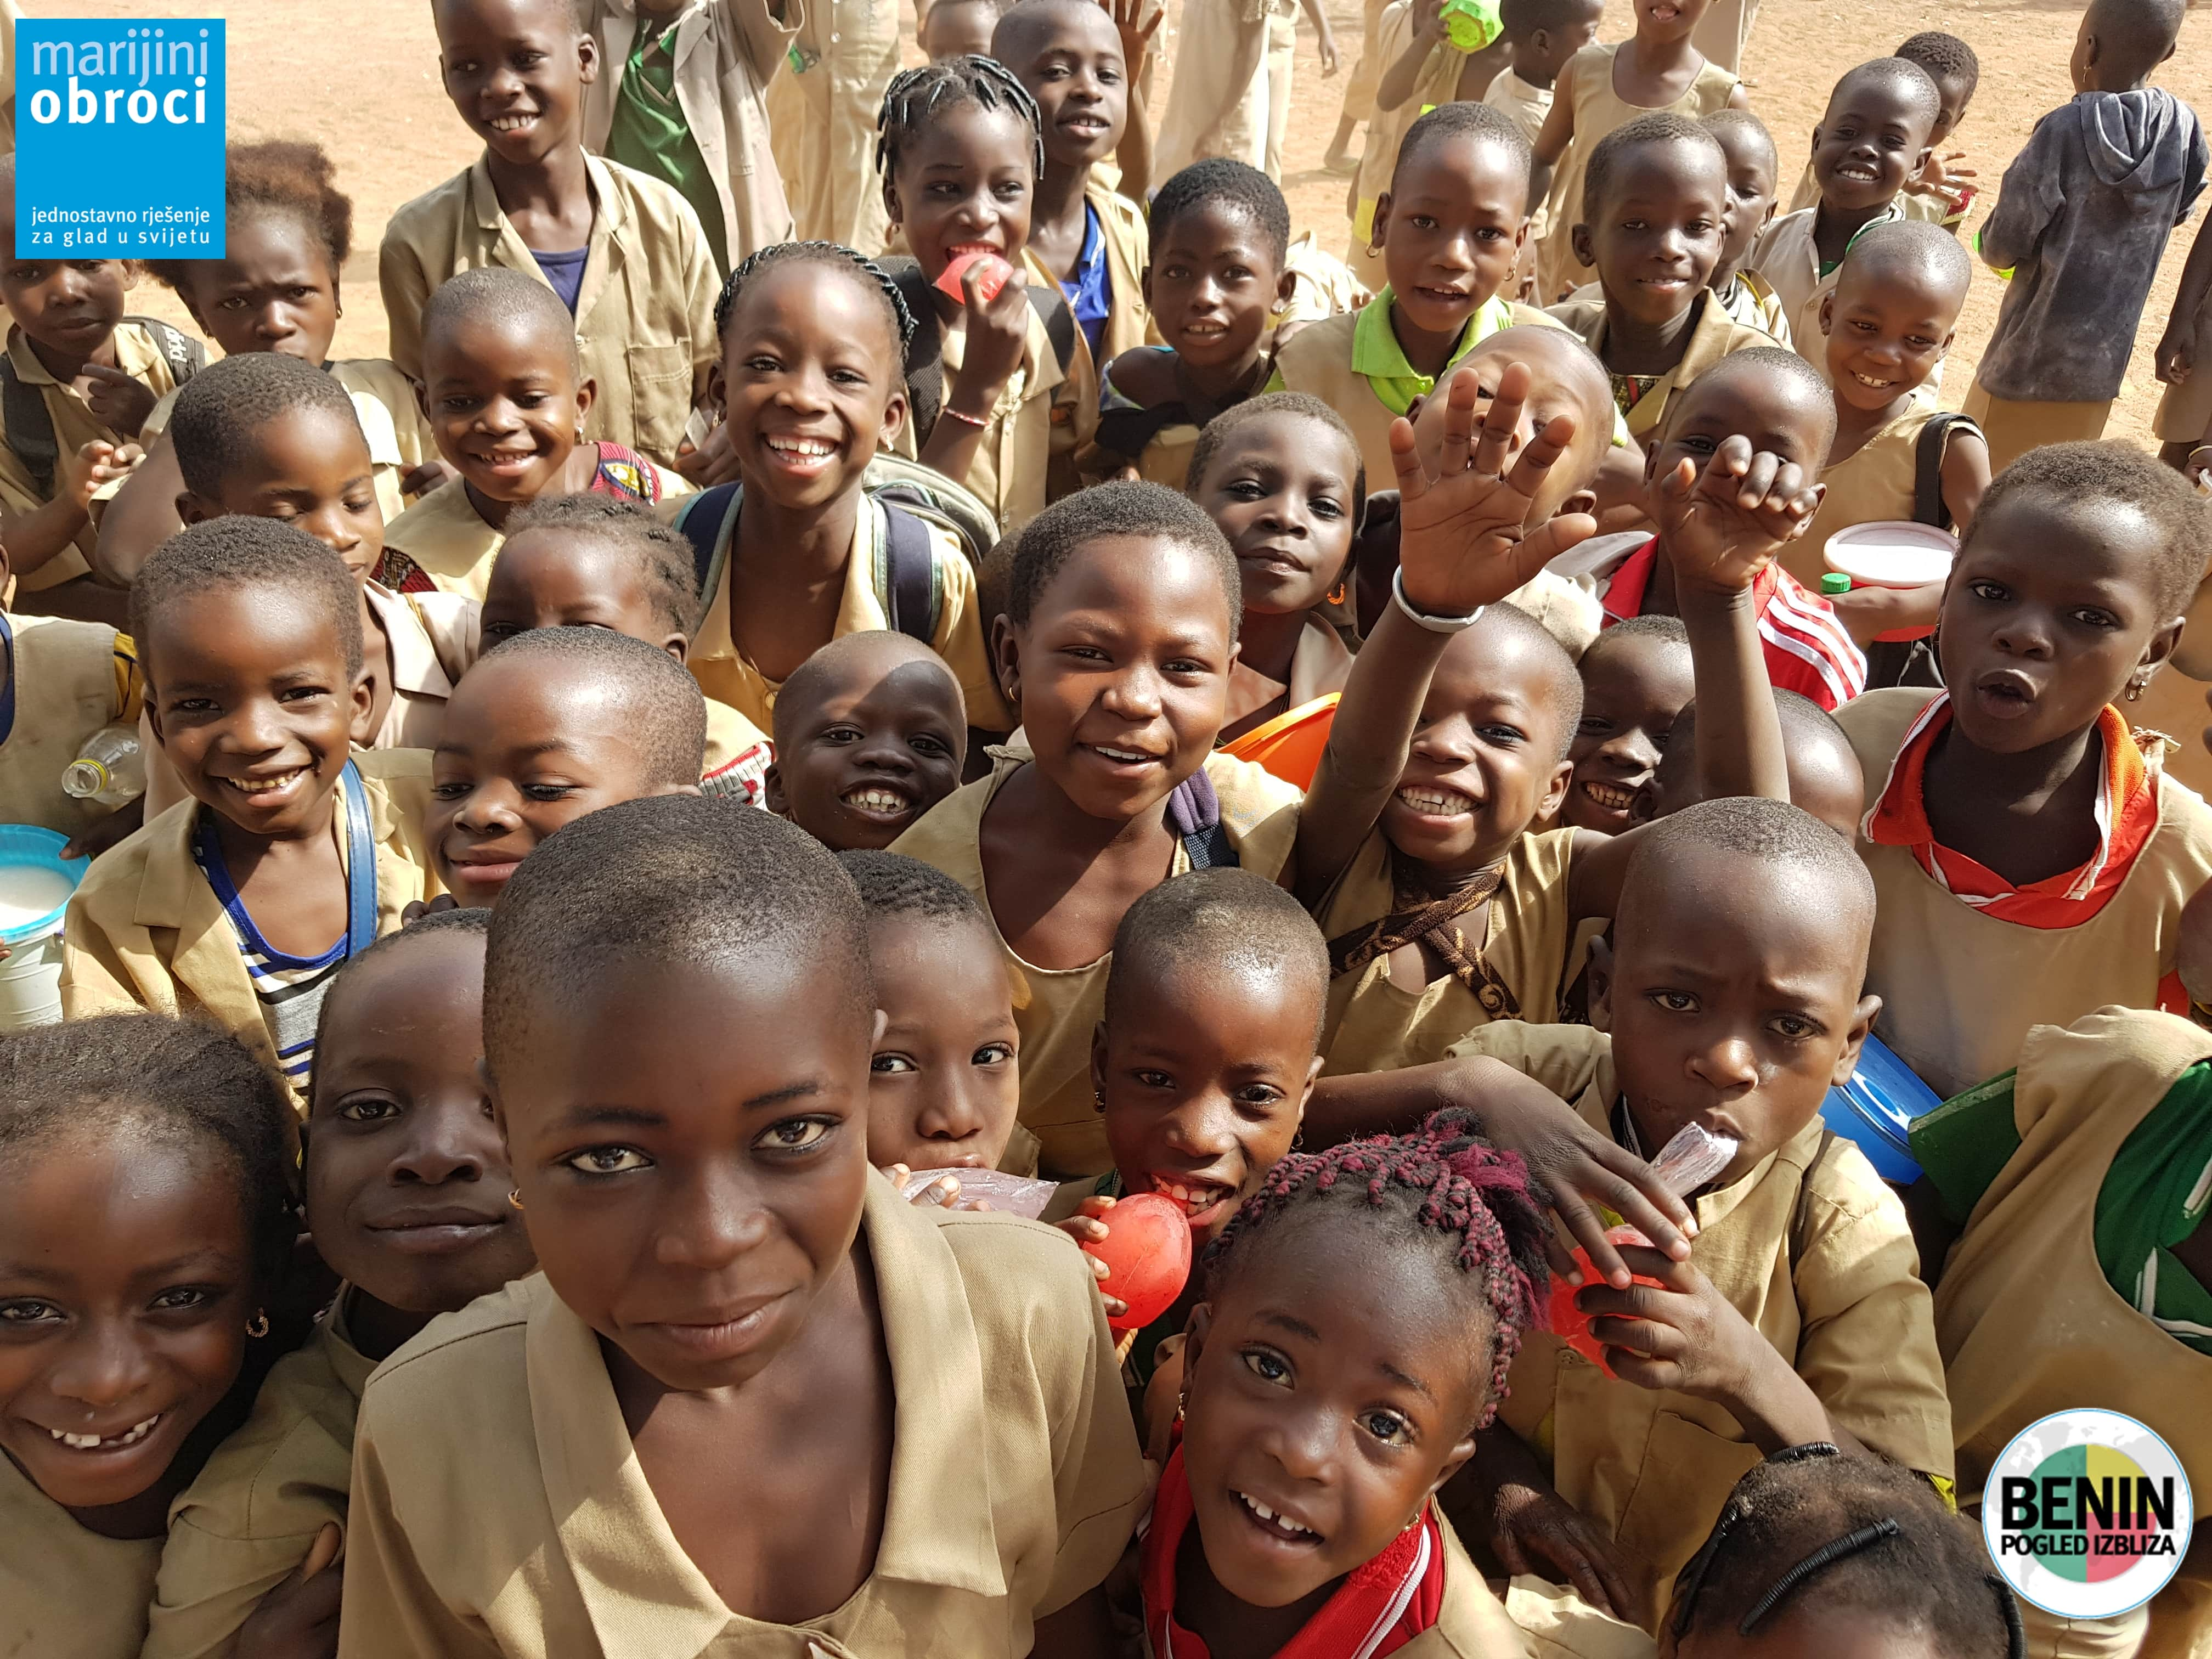 Online za upoznavanje sa šećernom mamom u Keniji